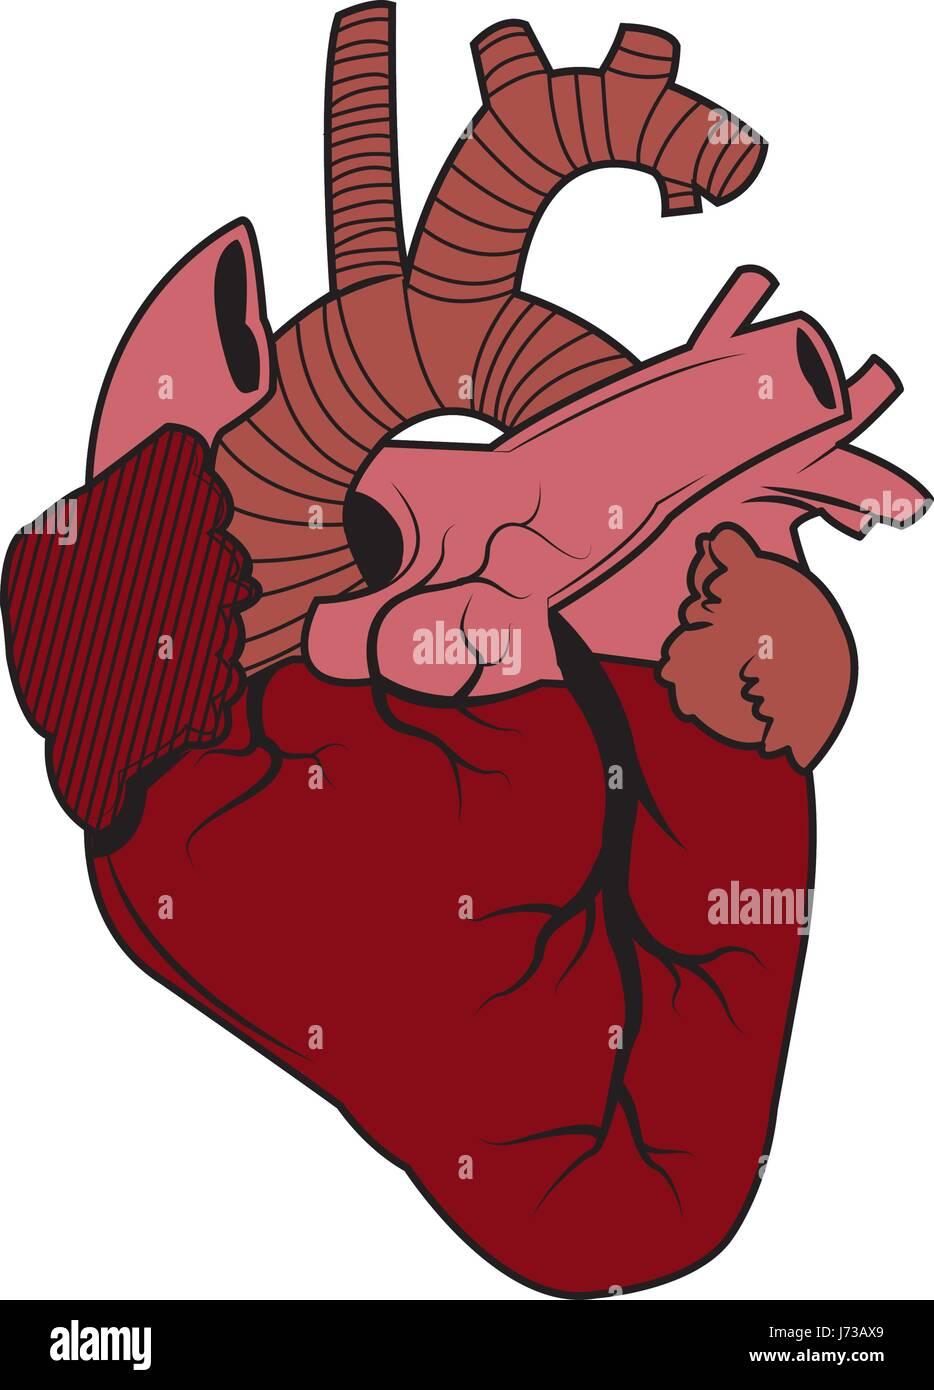 menschliches Herz - Anatomie Biologie gesundes image Vektor ...